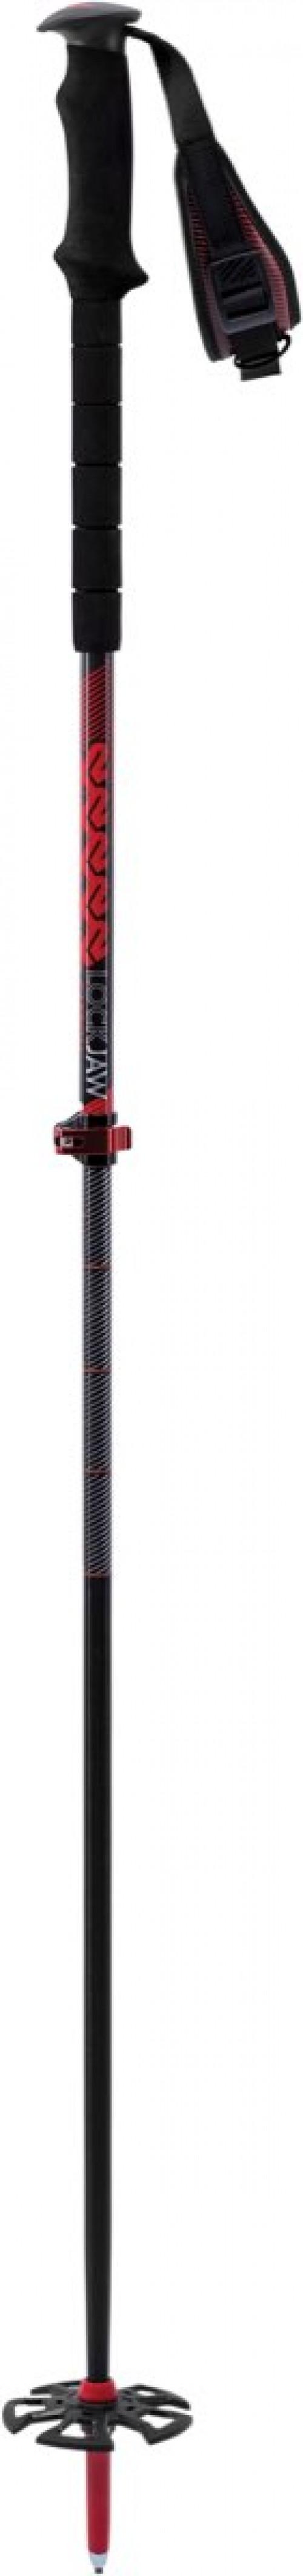 K2 Skis Lockjaw Carbon 145 - Red Rød